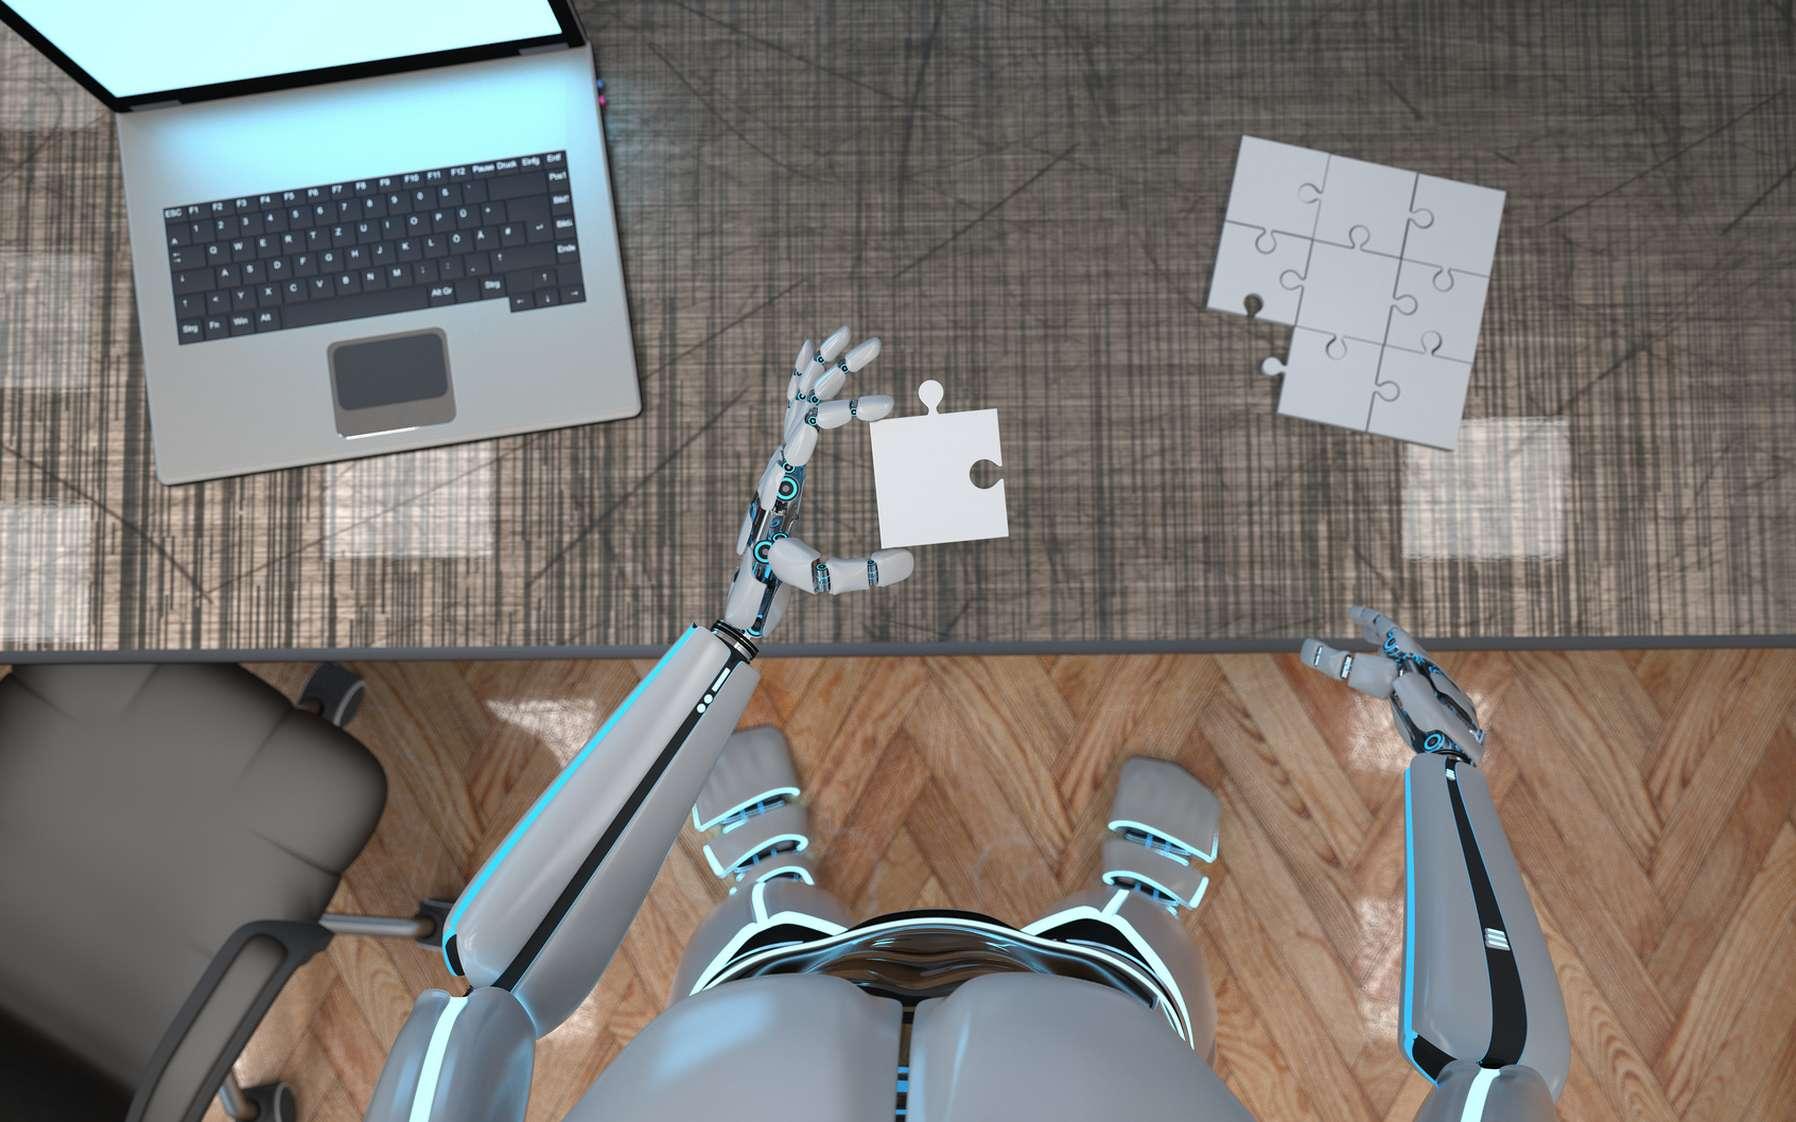 L'apprentissage des conventions sociales par les robots est un domaine encore peu exploré mais pourtant crucial au développement de la cobotique. © Alexander Limbach, Fotolia